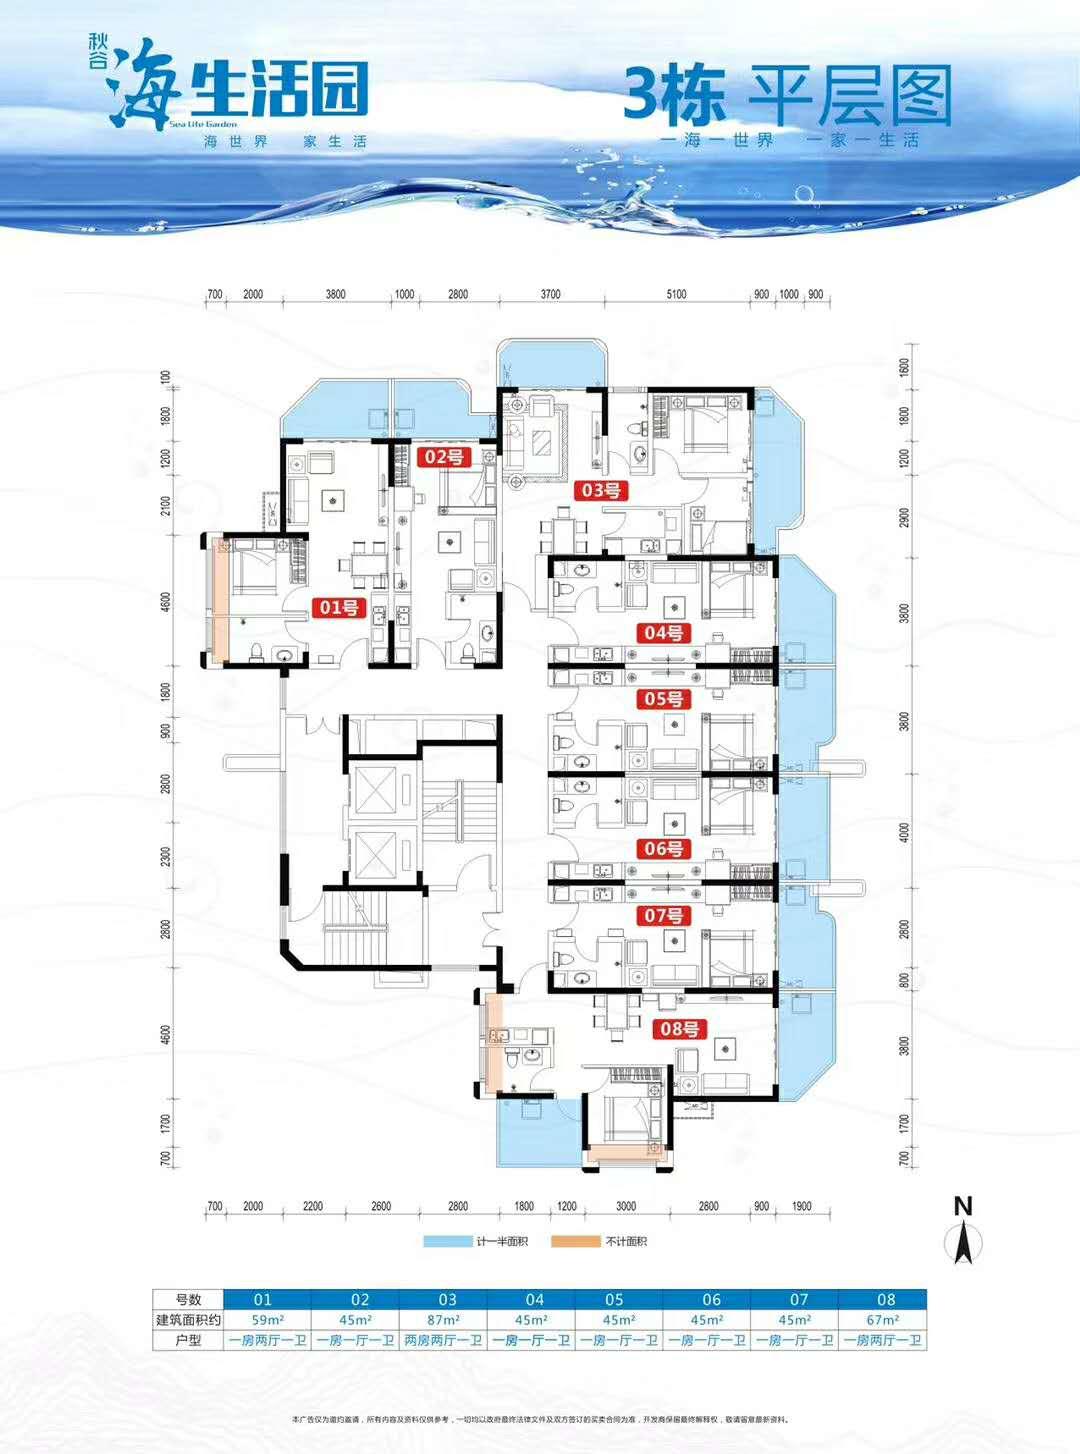 秋谷海生活园3栋平面图